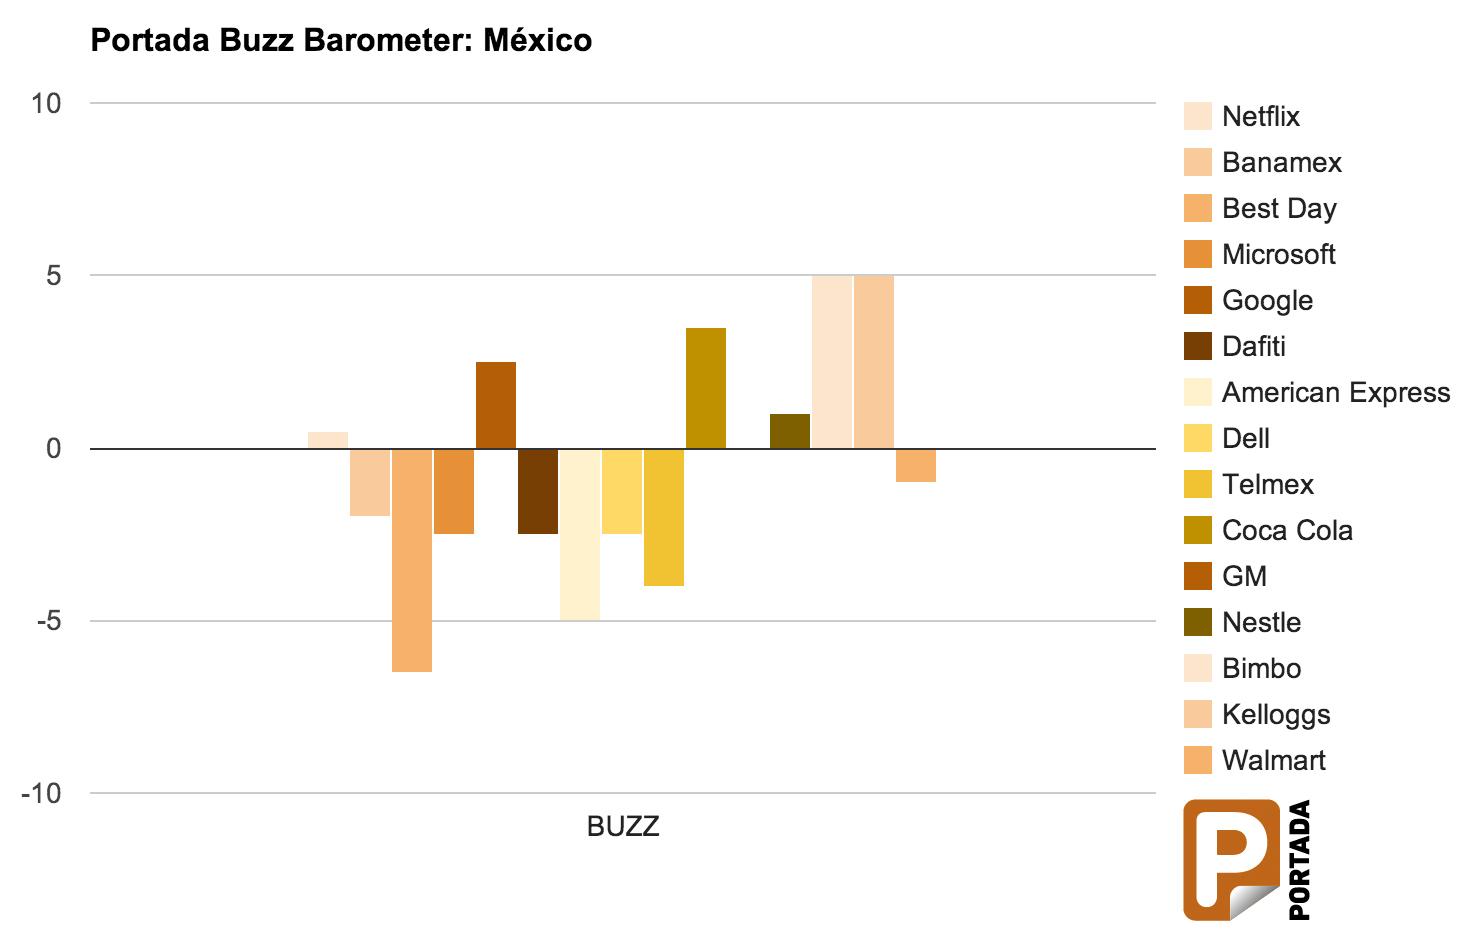 Barómetro Portada del Buzz: México – Bimbo y Kellogs en la delantera del ranking